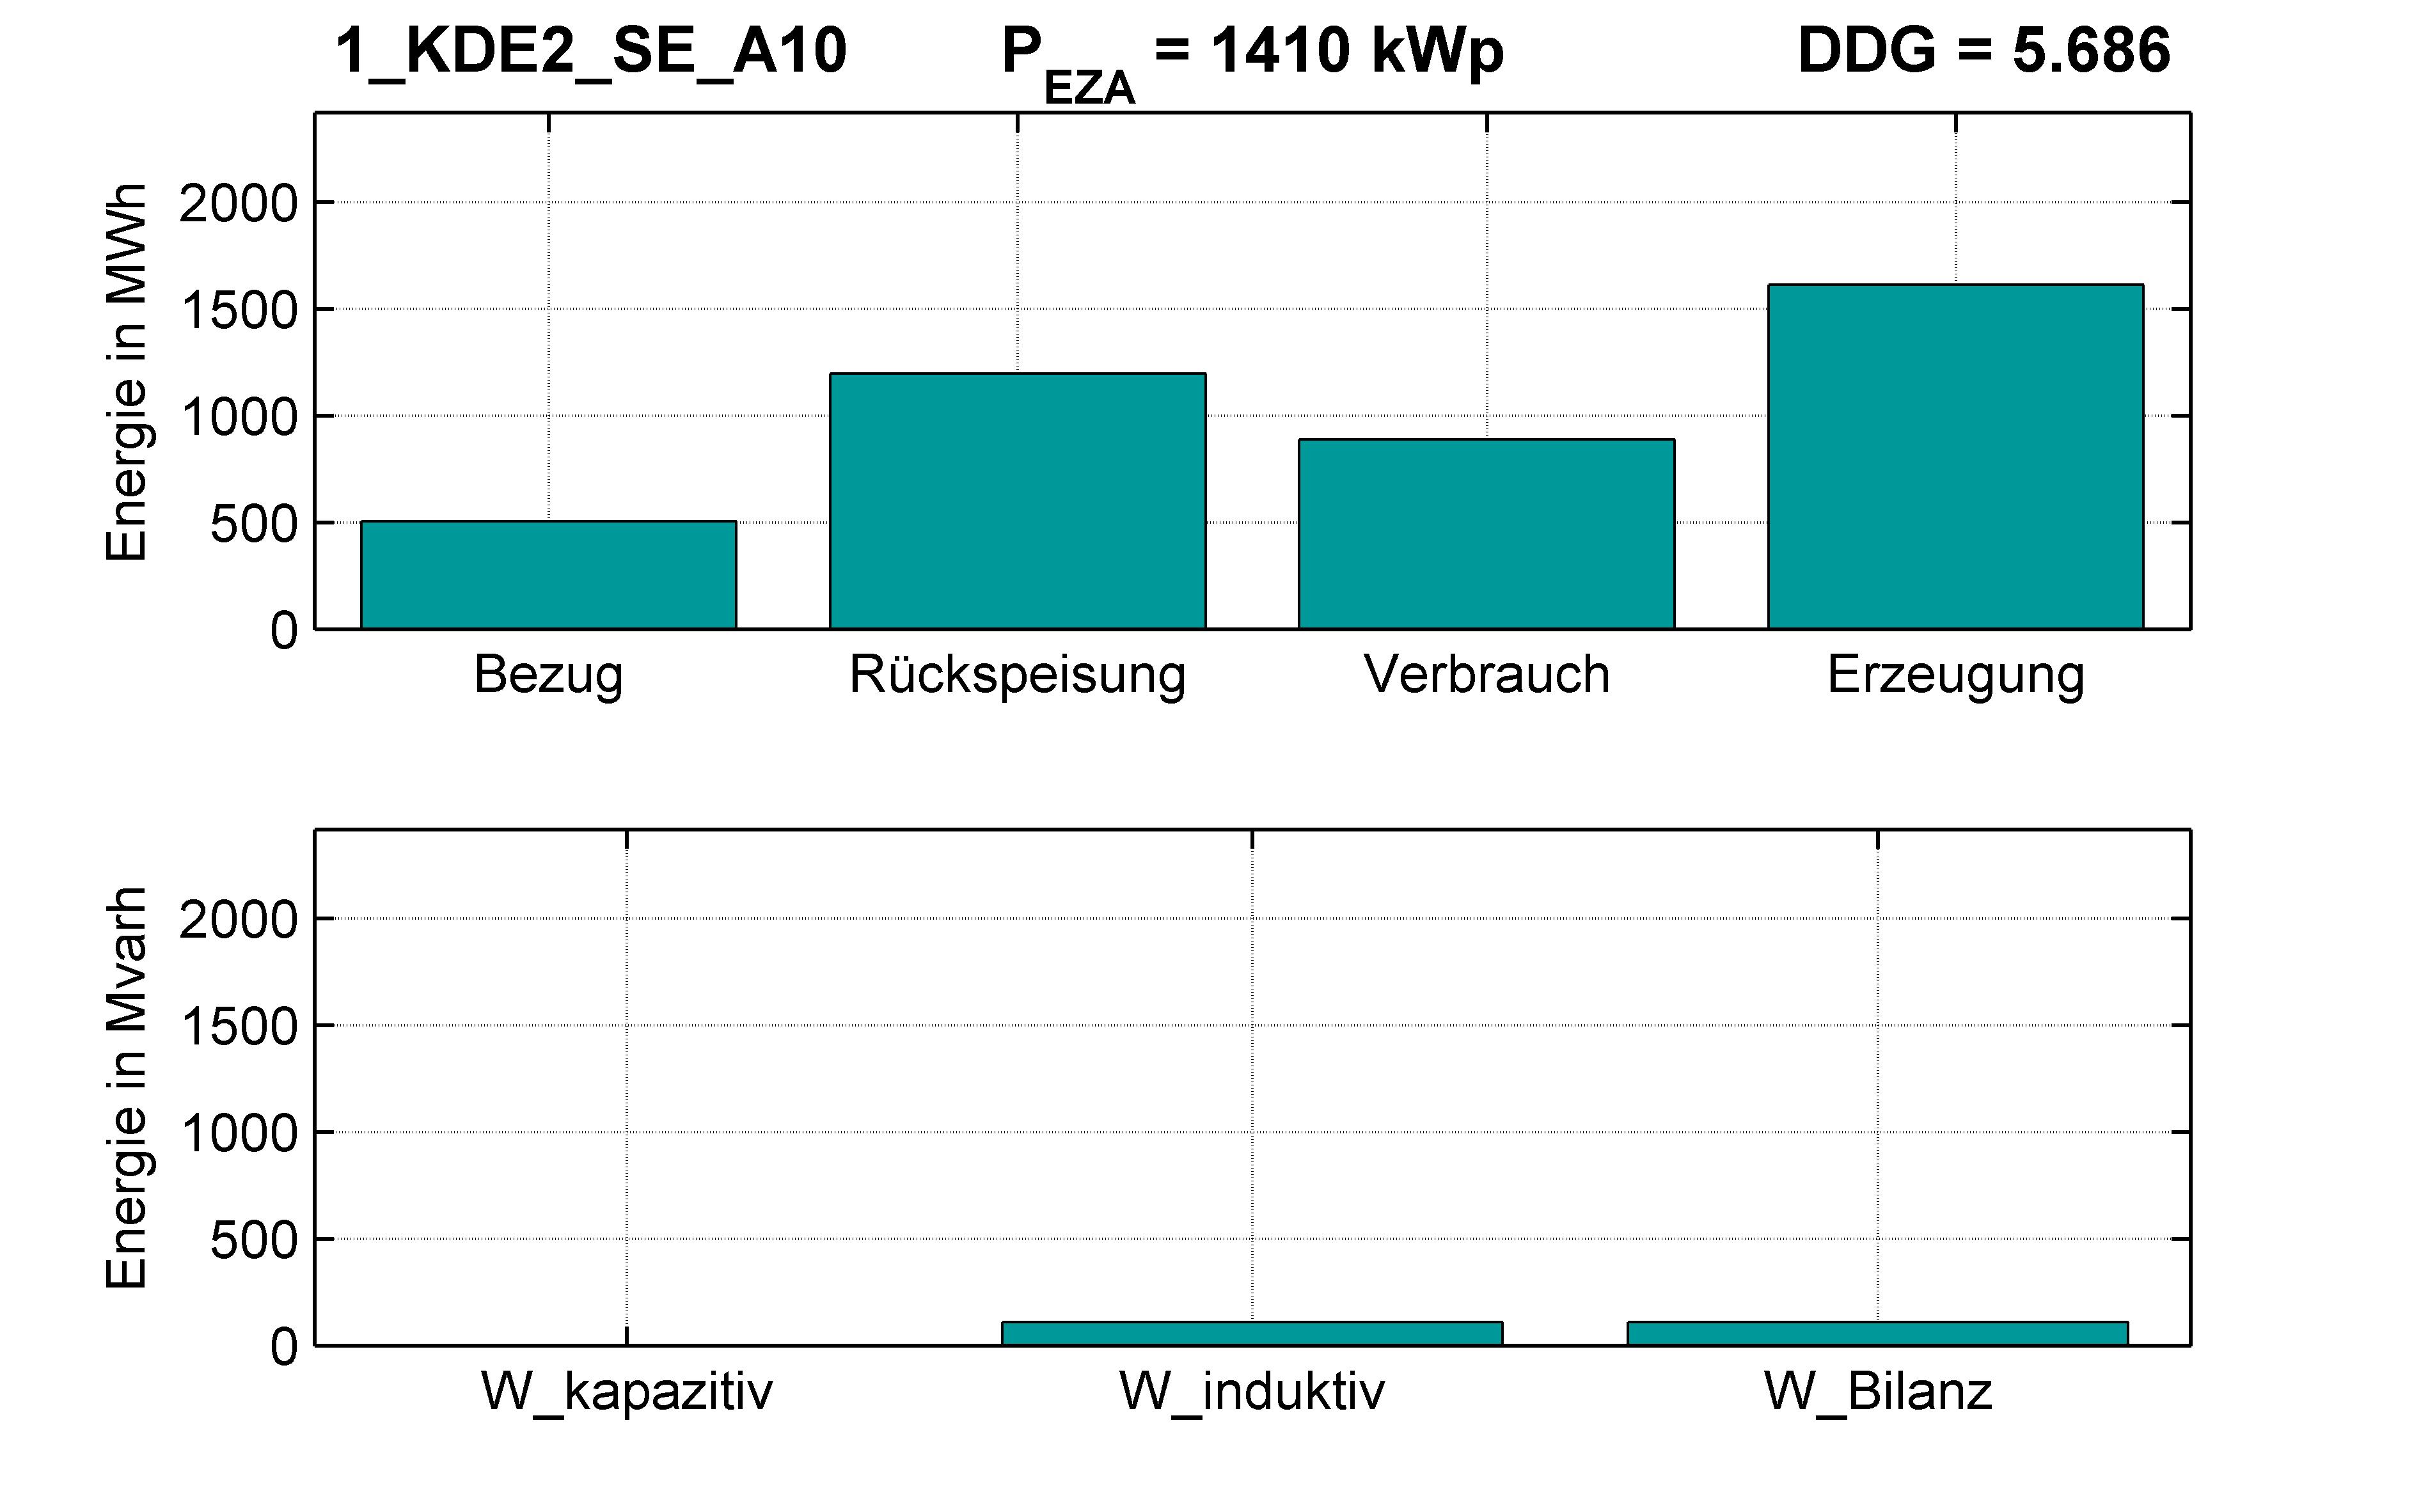 KDE2 | KABEL (SE) A10 | PQ-Bilanz